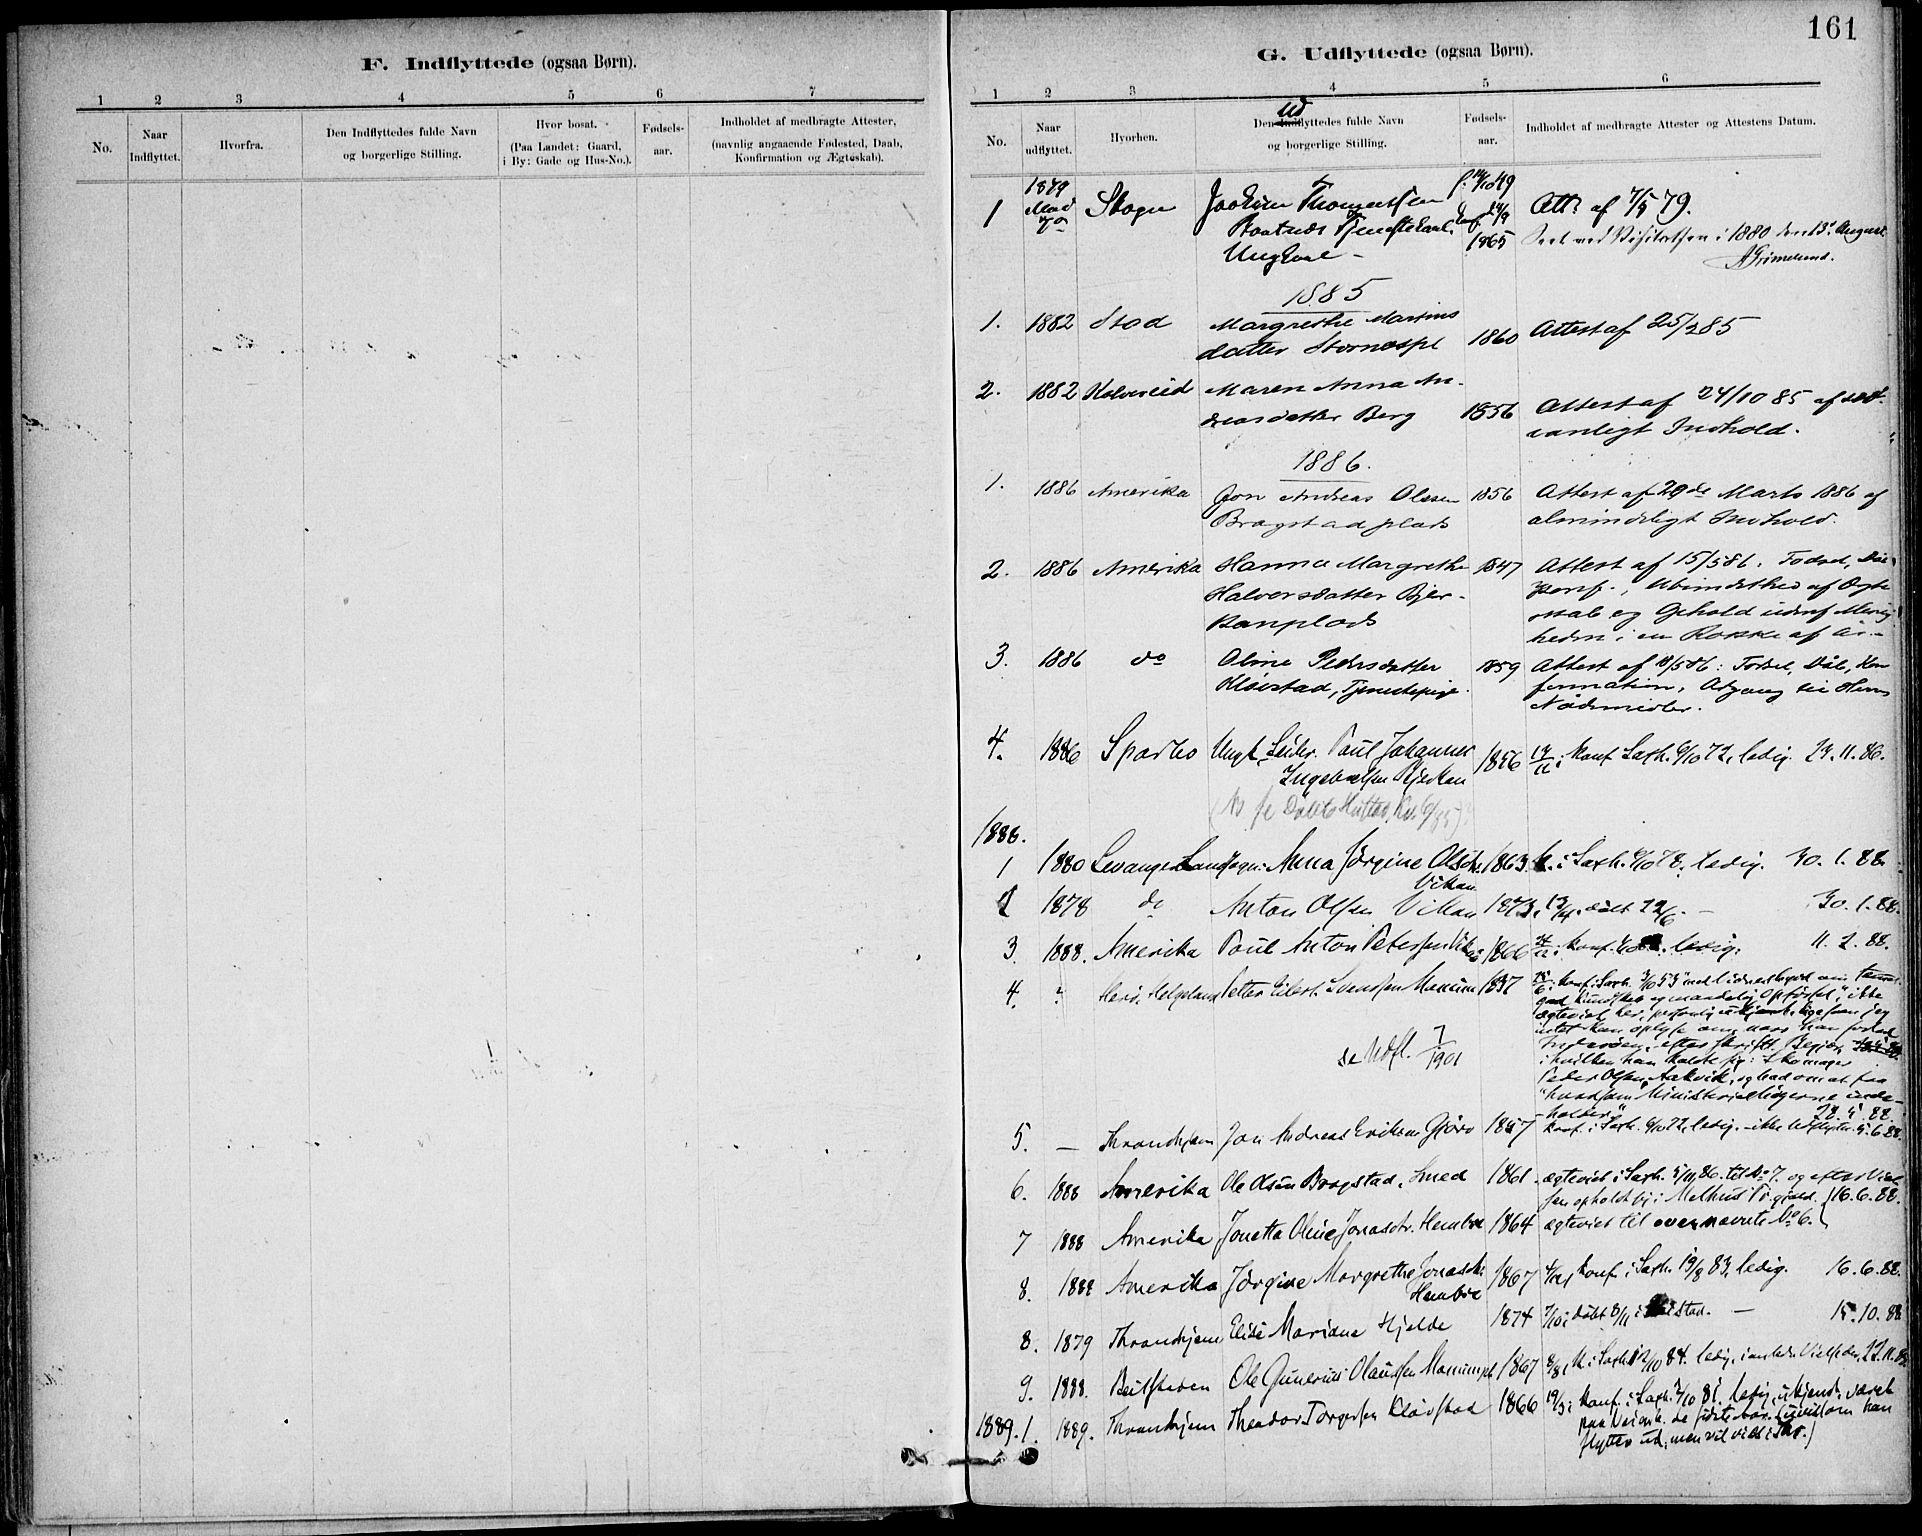 SAT, Ministerialprotokoller, klokkerbøker og fødselsregistre - Nord-Trøndelag, 732/L0316: Ministerialbok nr. 732A01, 1879-1921, s. 161